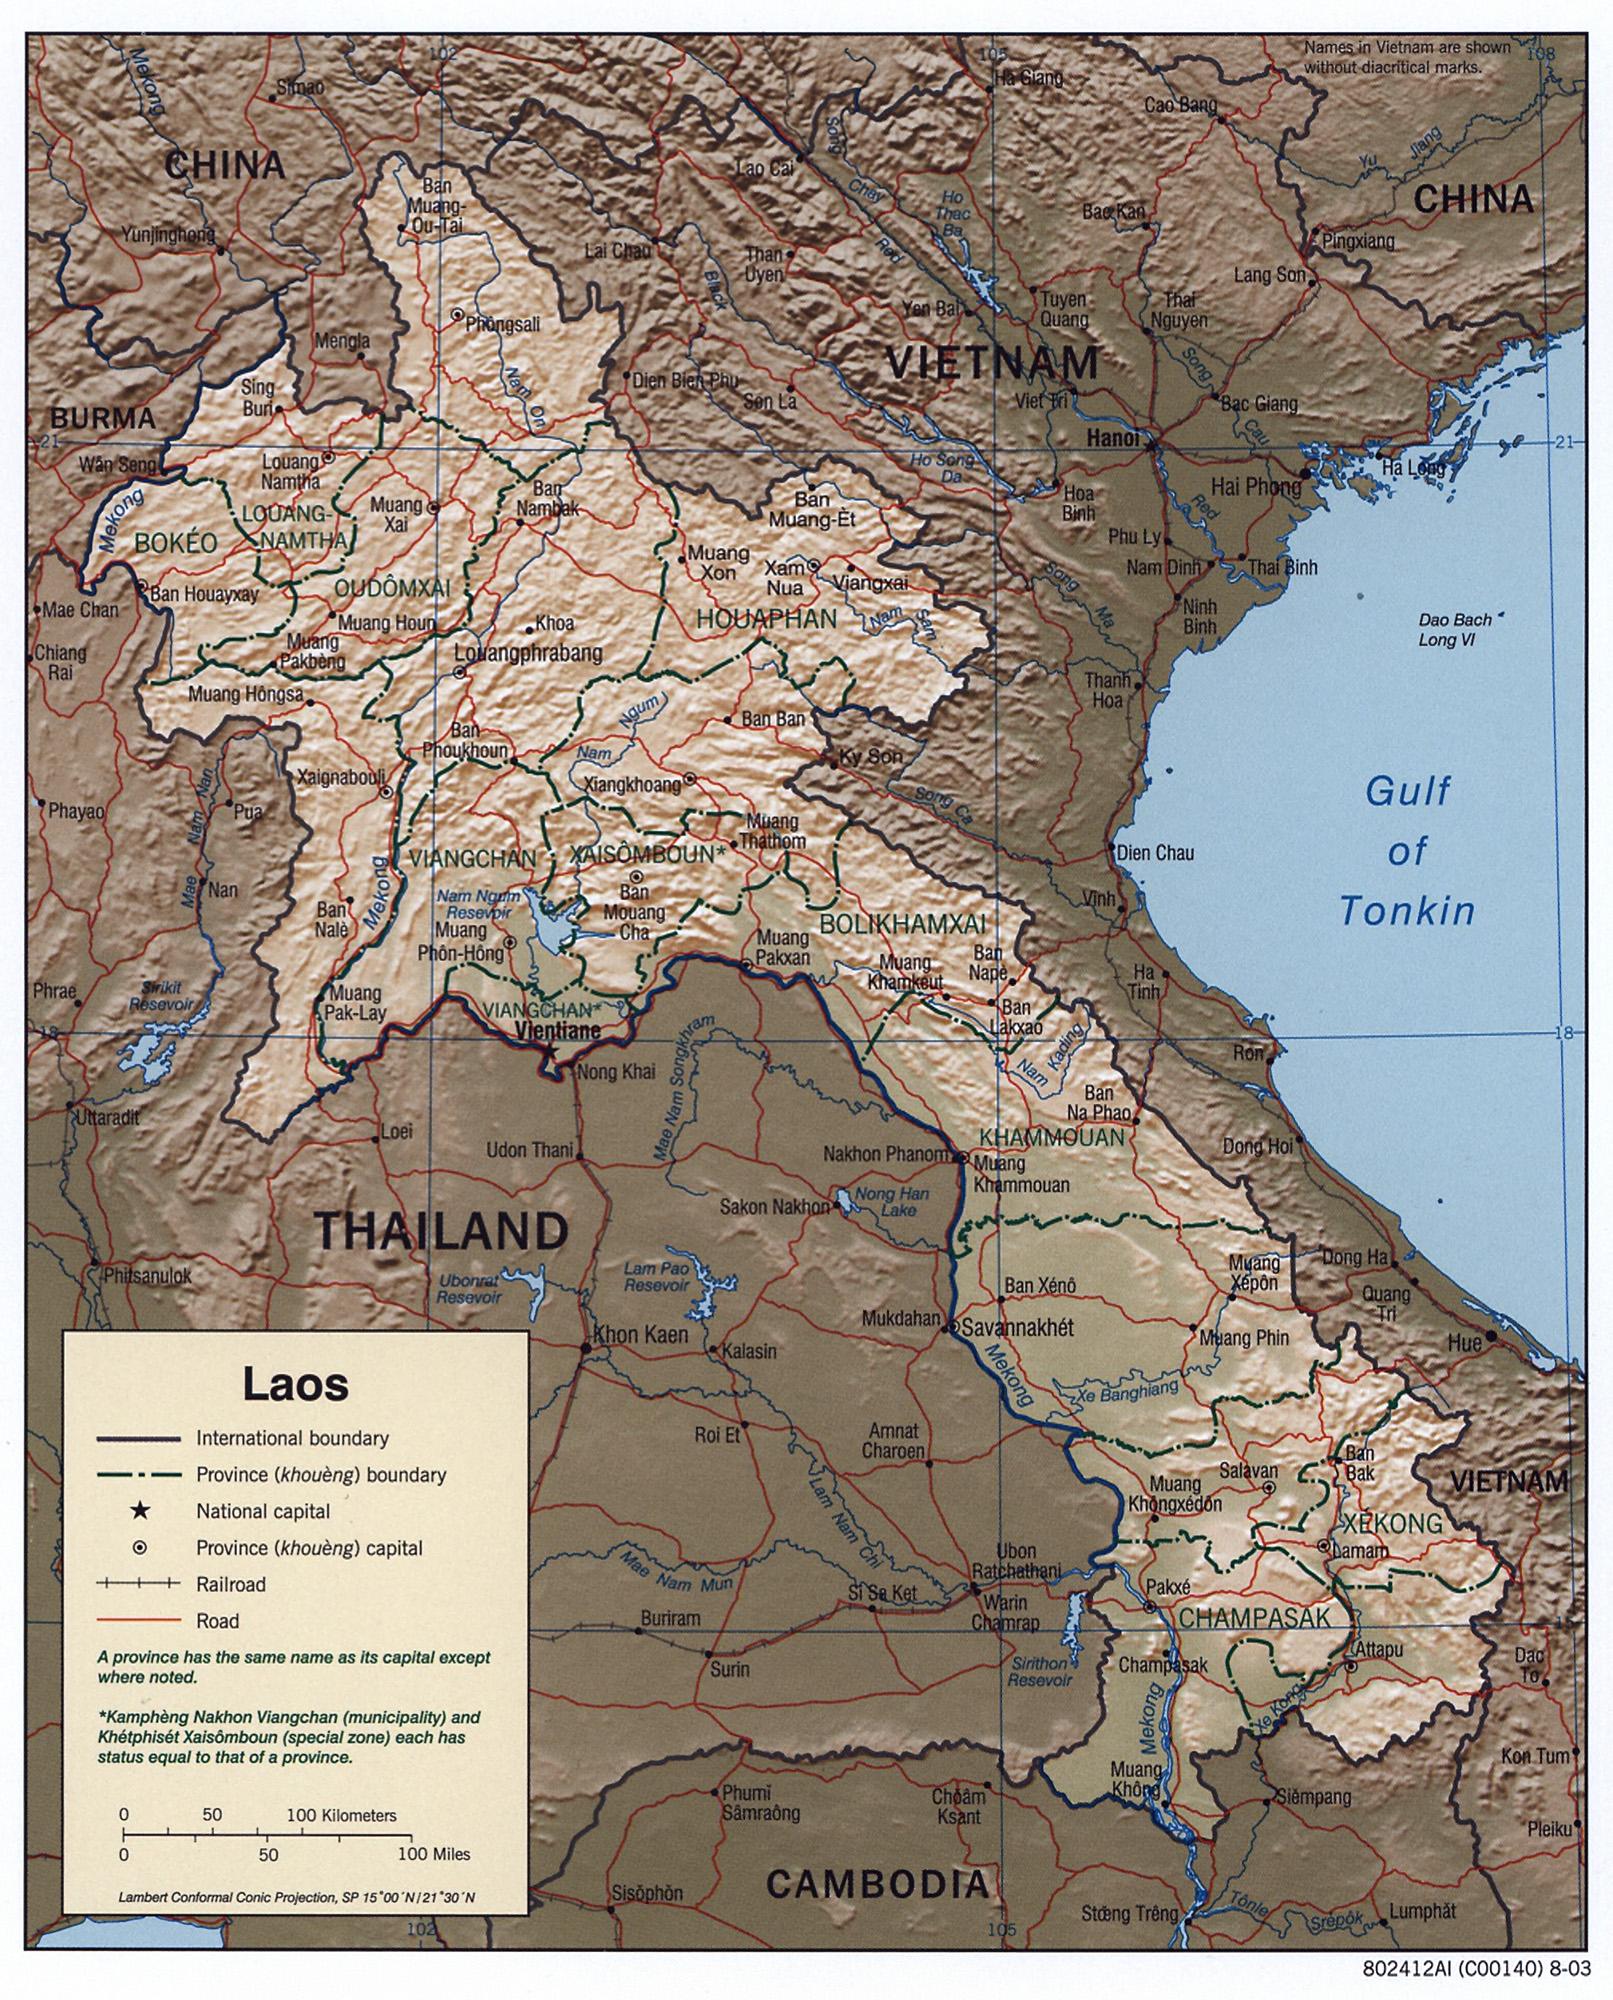 Laos: Outline Of Laos